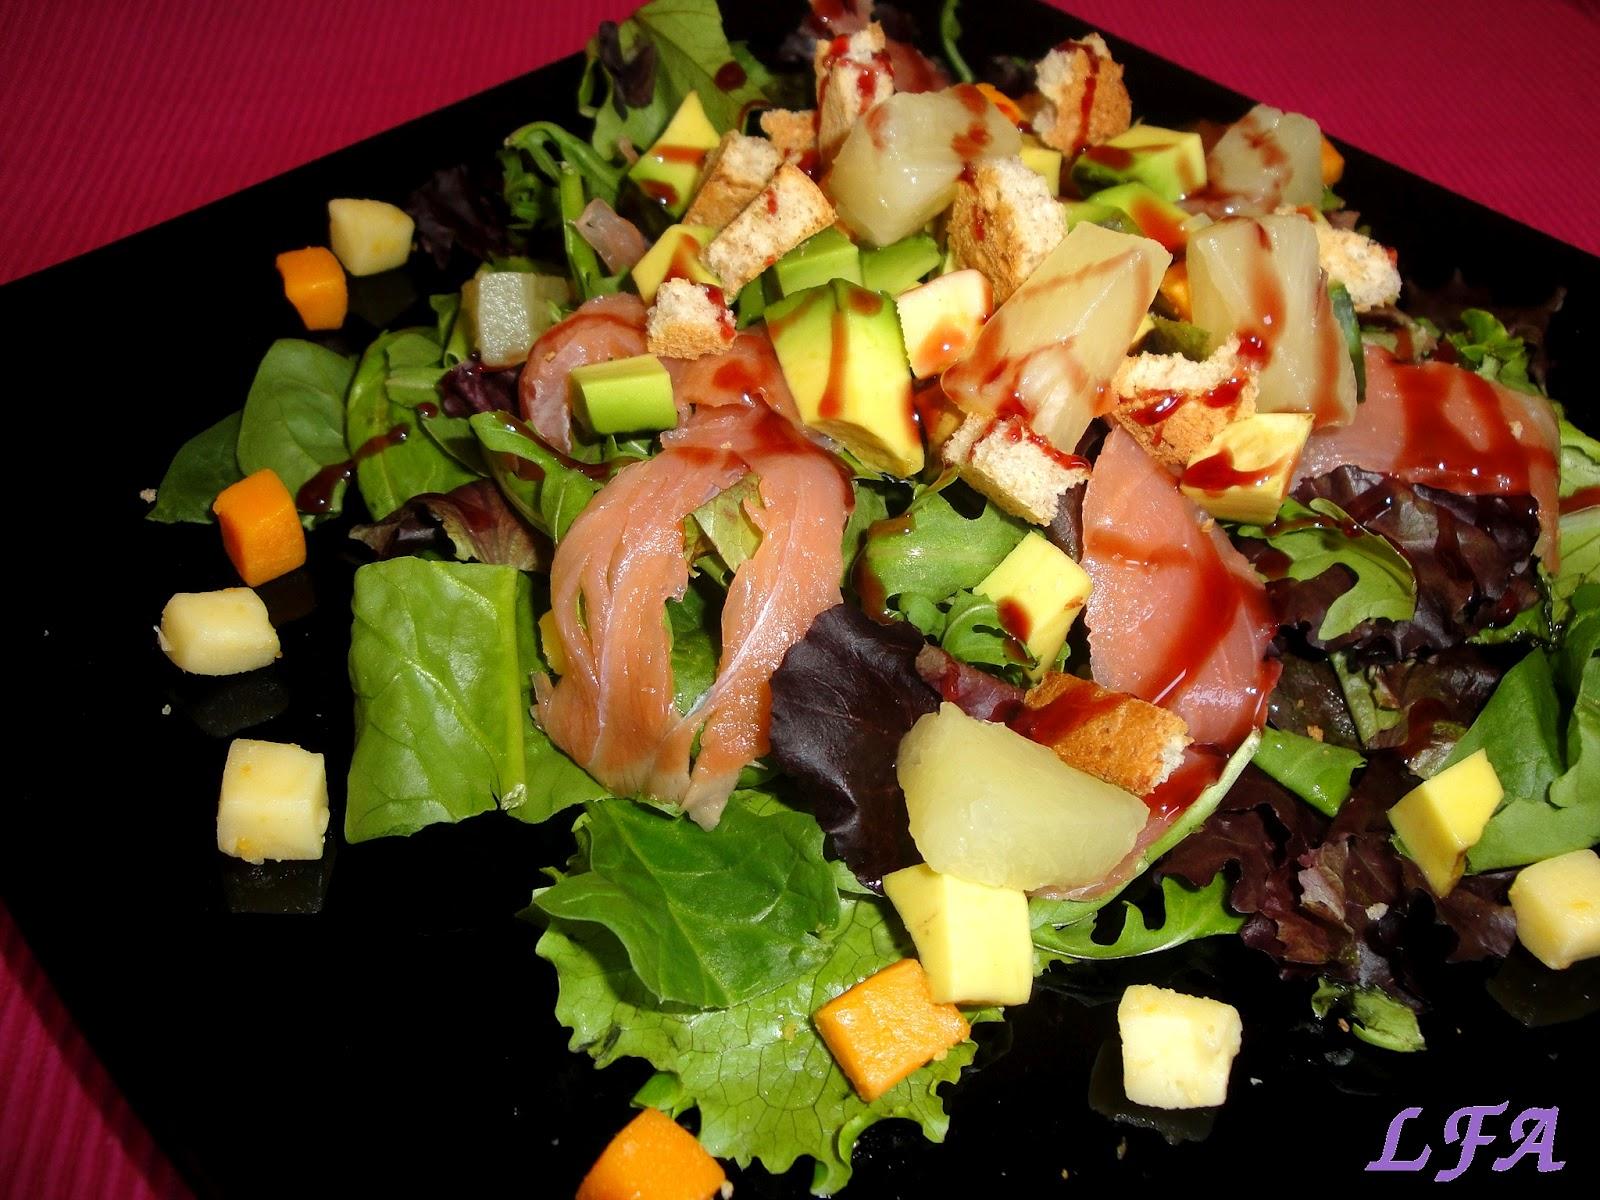 La flor del azafran ensalada de salm n y aguacate - Ensalada con salmon y aguacate ...